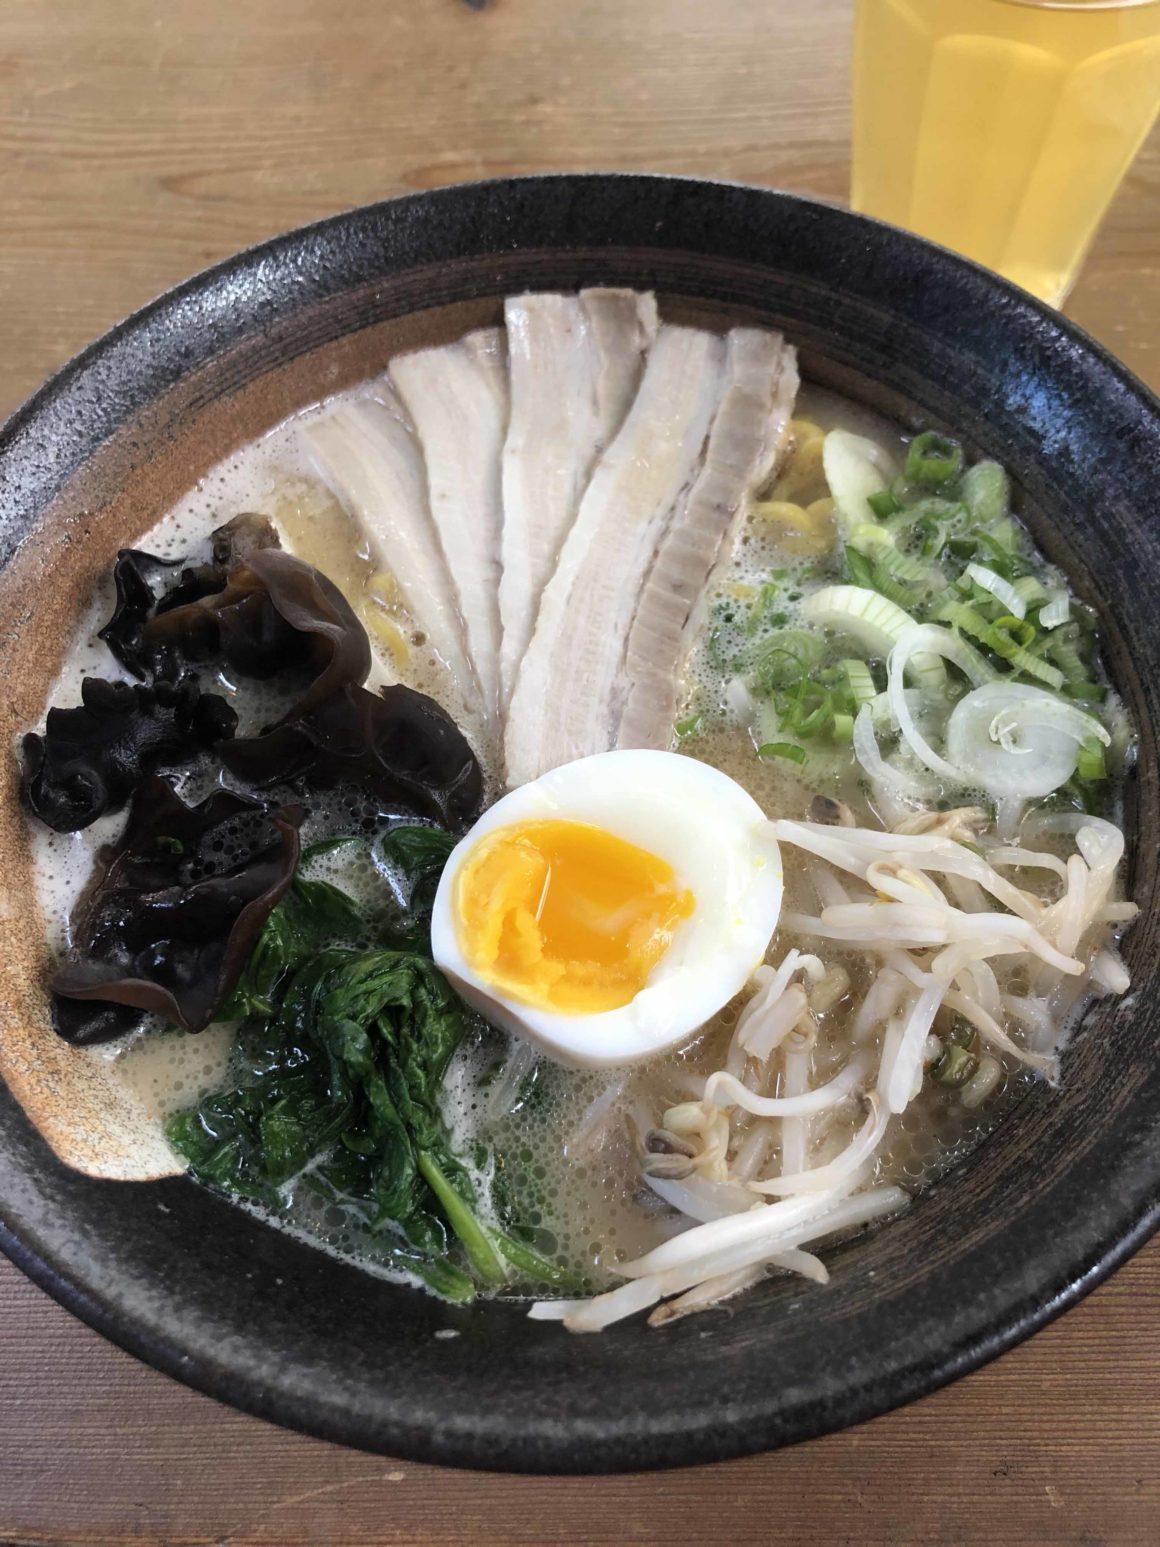 Le ramen est un bouillon de nouilles et de légumes qui peut être accompagné de viande, d'oeuf, etc. Cette découverte culinaire fait partie nos coups de coeur du Japon.